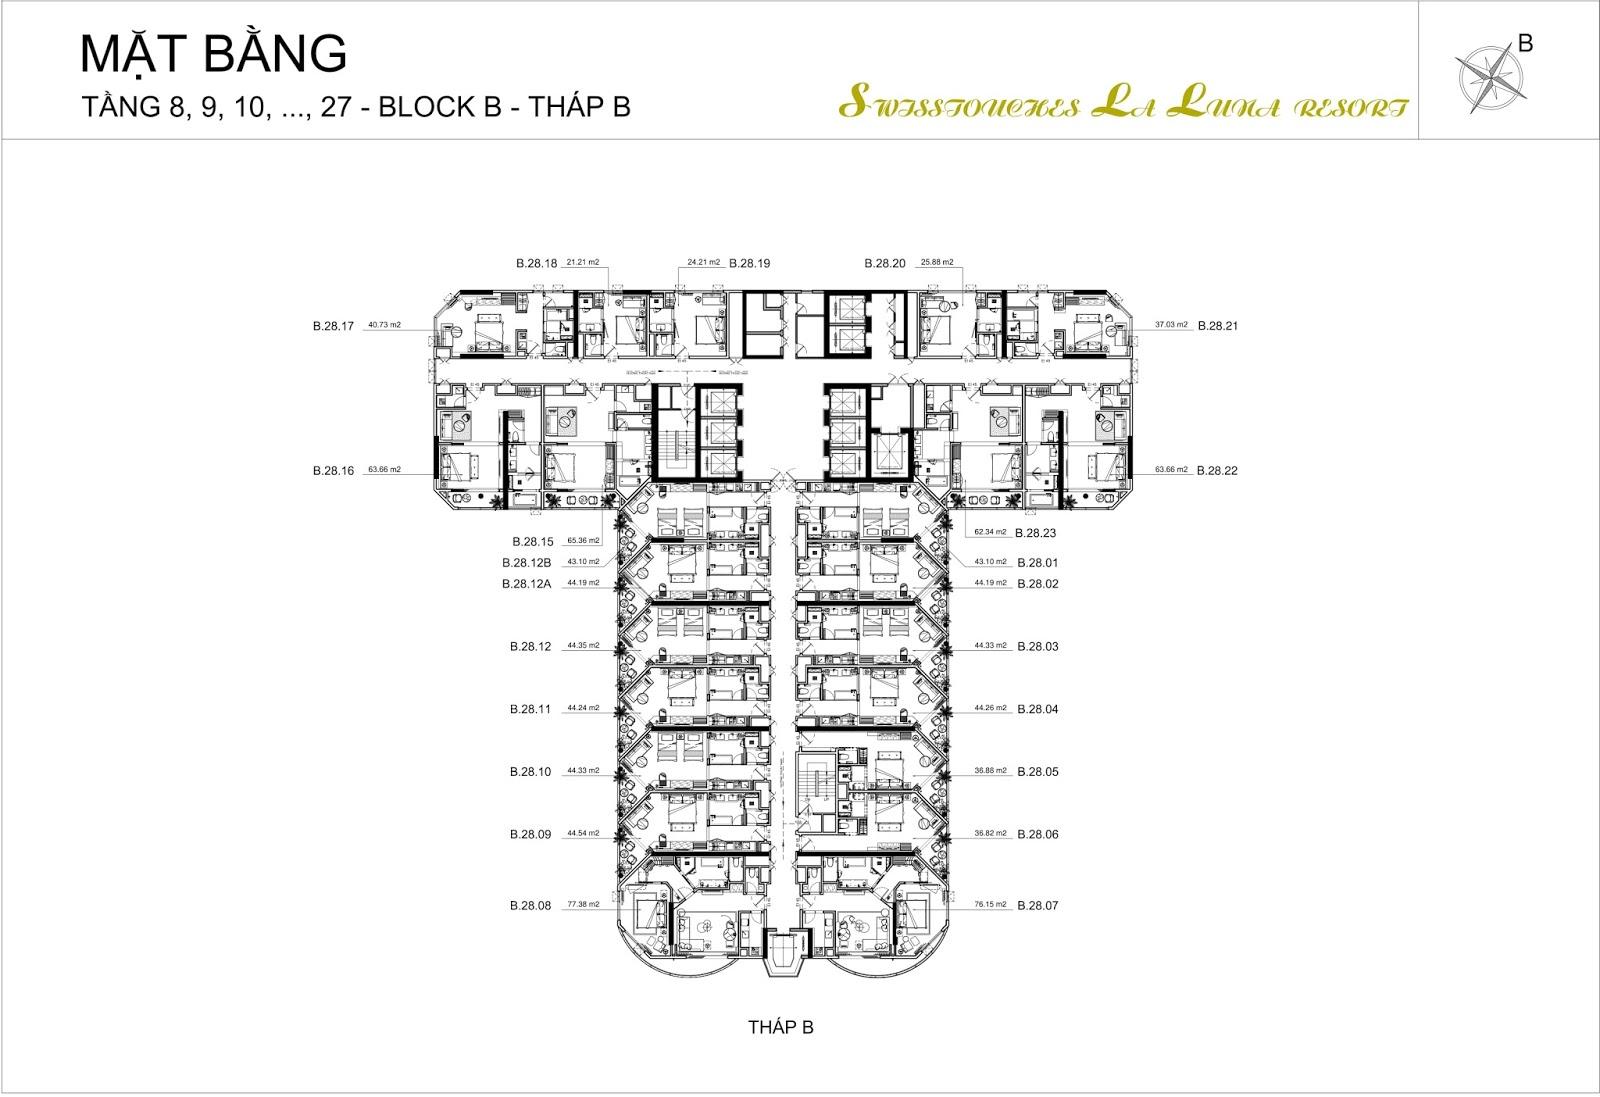 Mặt bằng điển hình tầng 8 - 27 dự án La Luna Resort